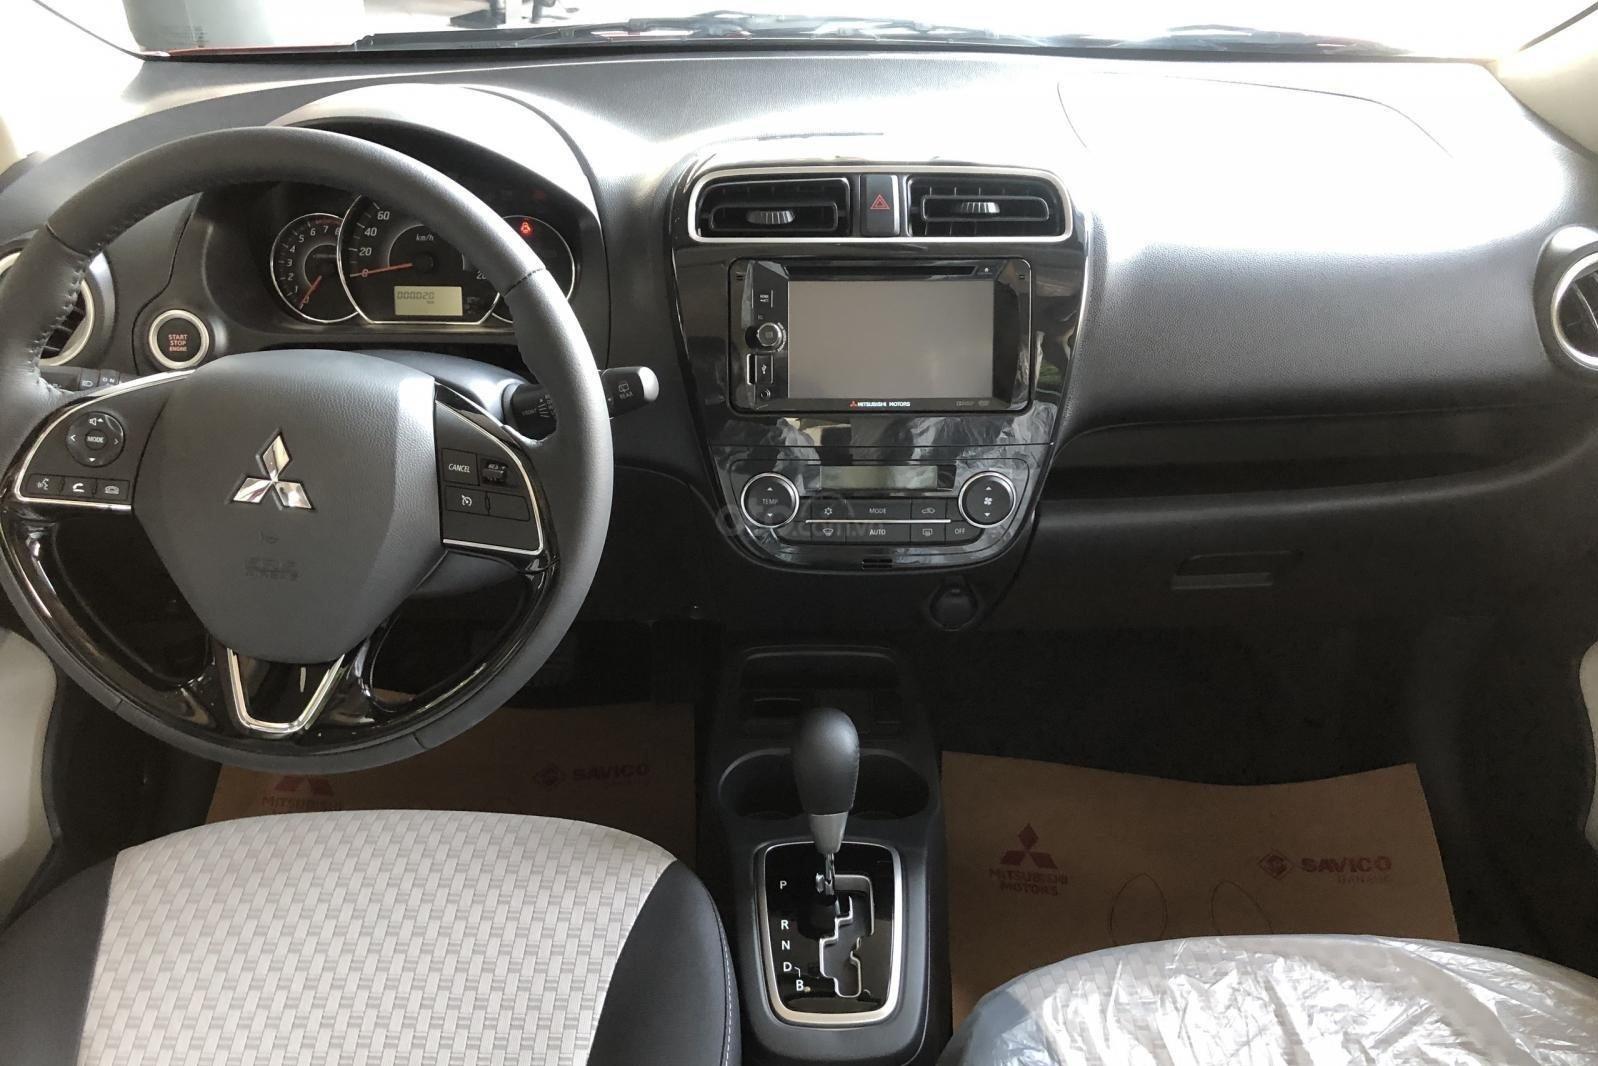 Nội thất của Mitsubishi Mirage 2019 thiết kế theo phong cách hiện đại, trẻ trung, cuốn hút